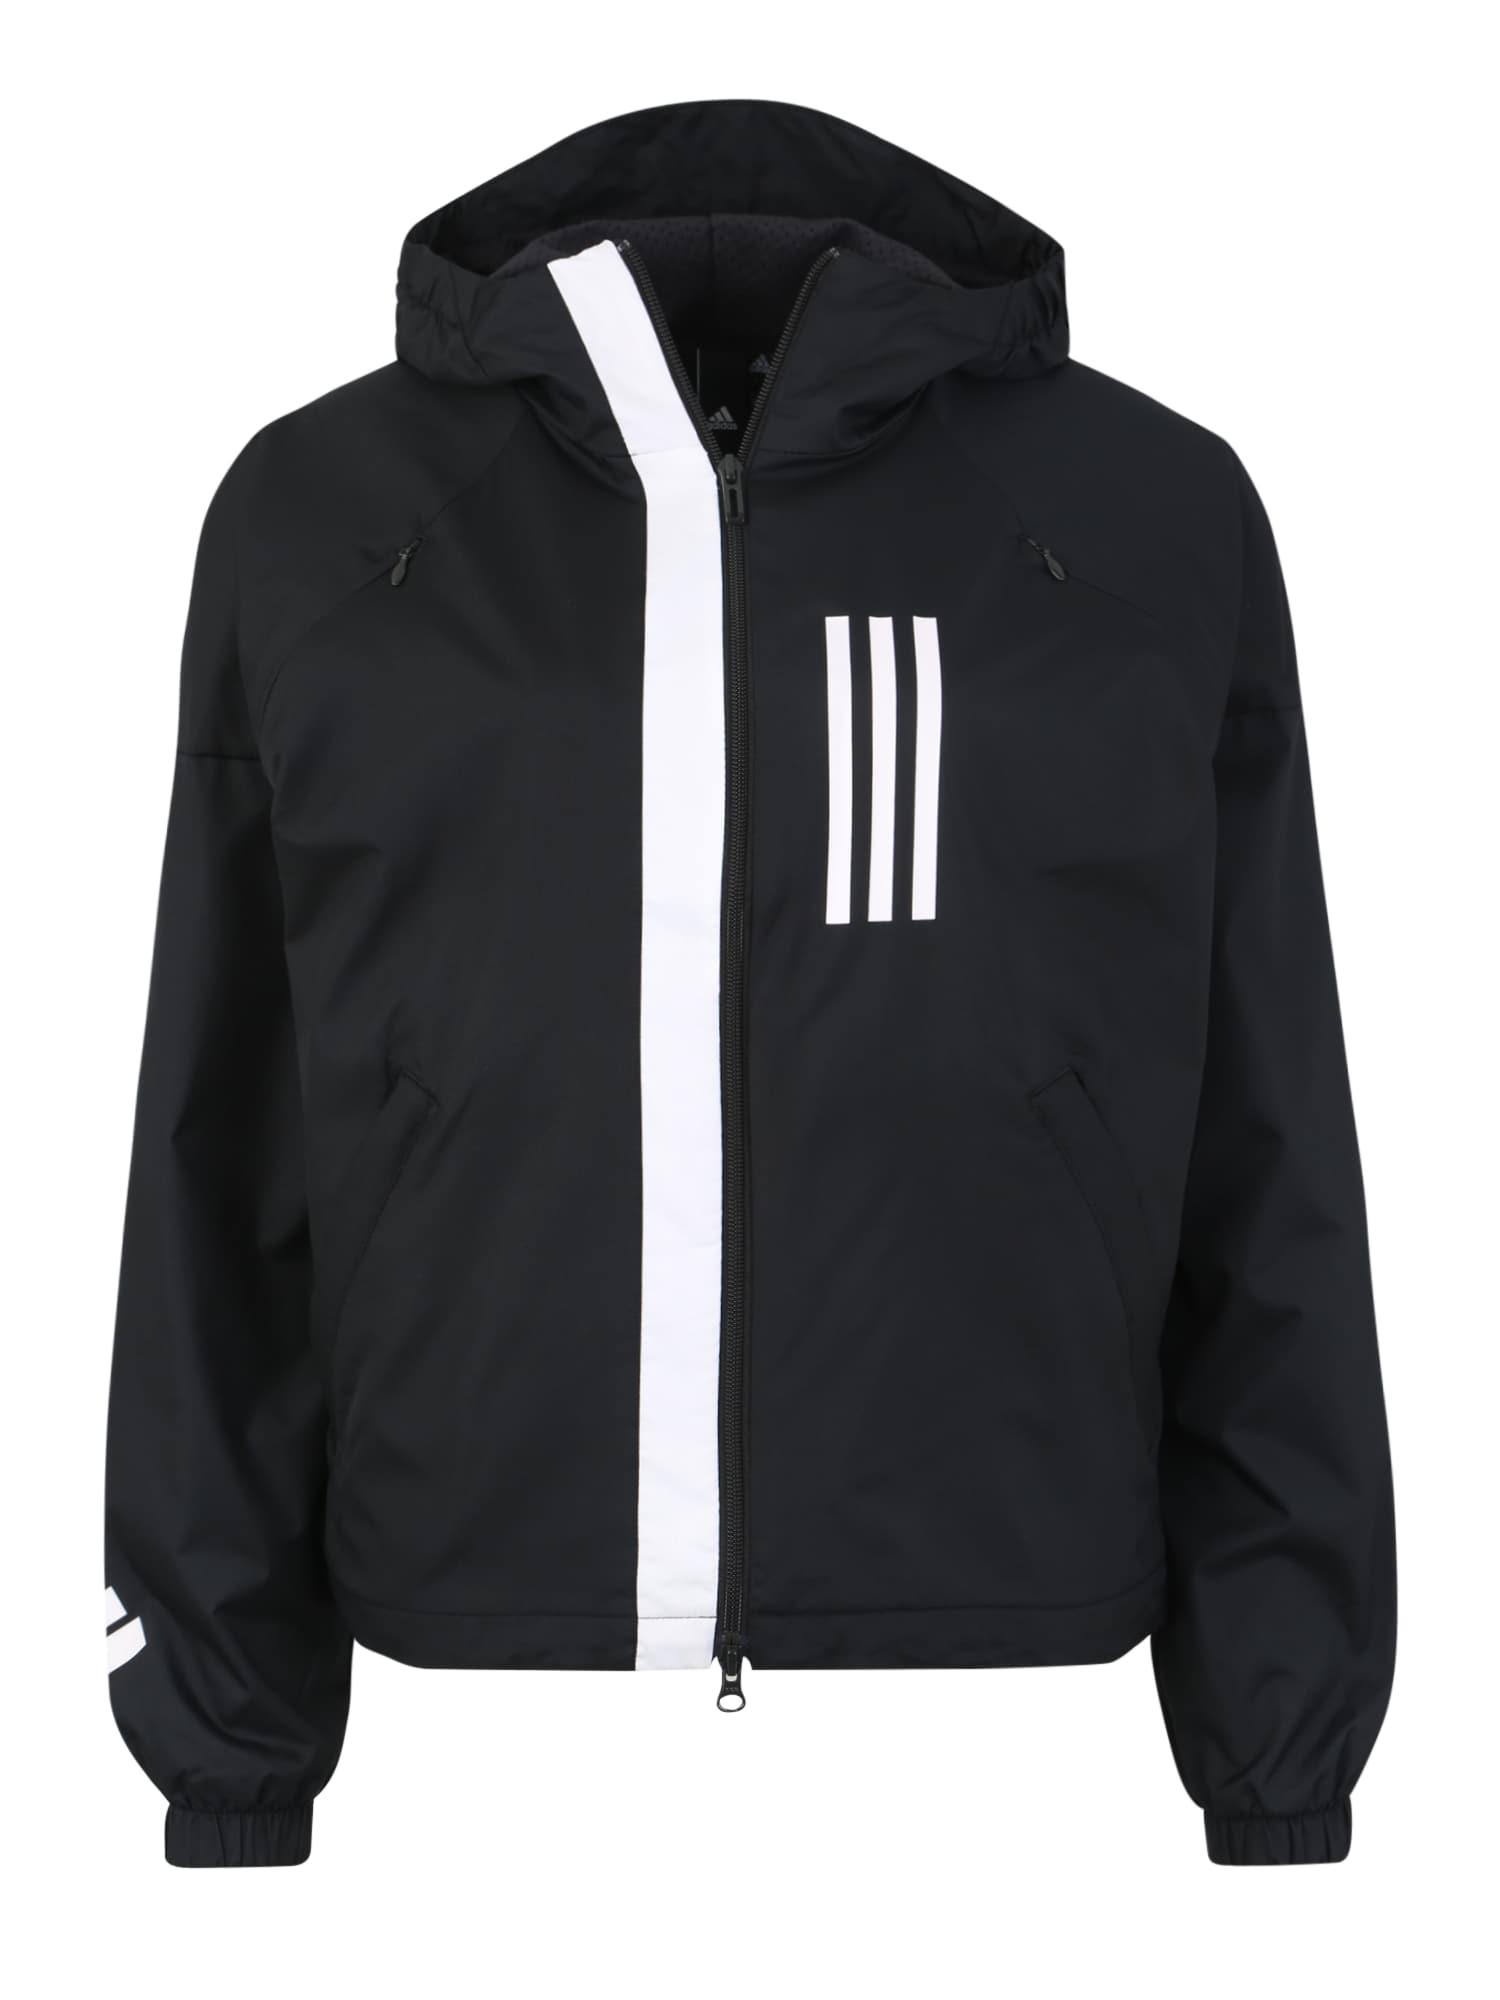 Sportovní bunda Fleece-Lined WND černá bílá ADIDAS PERFORMANCE